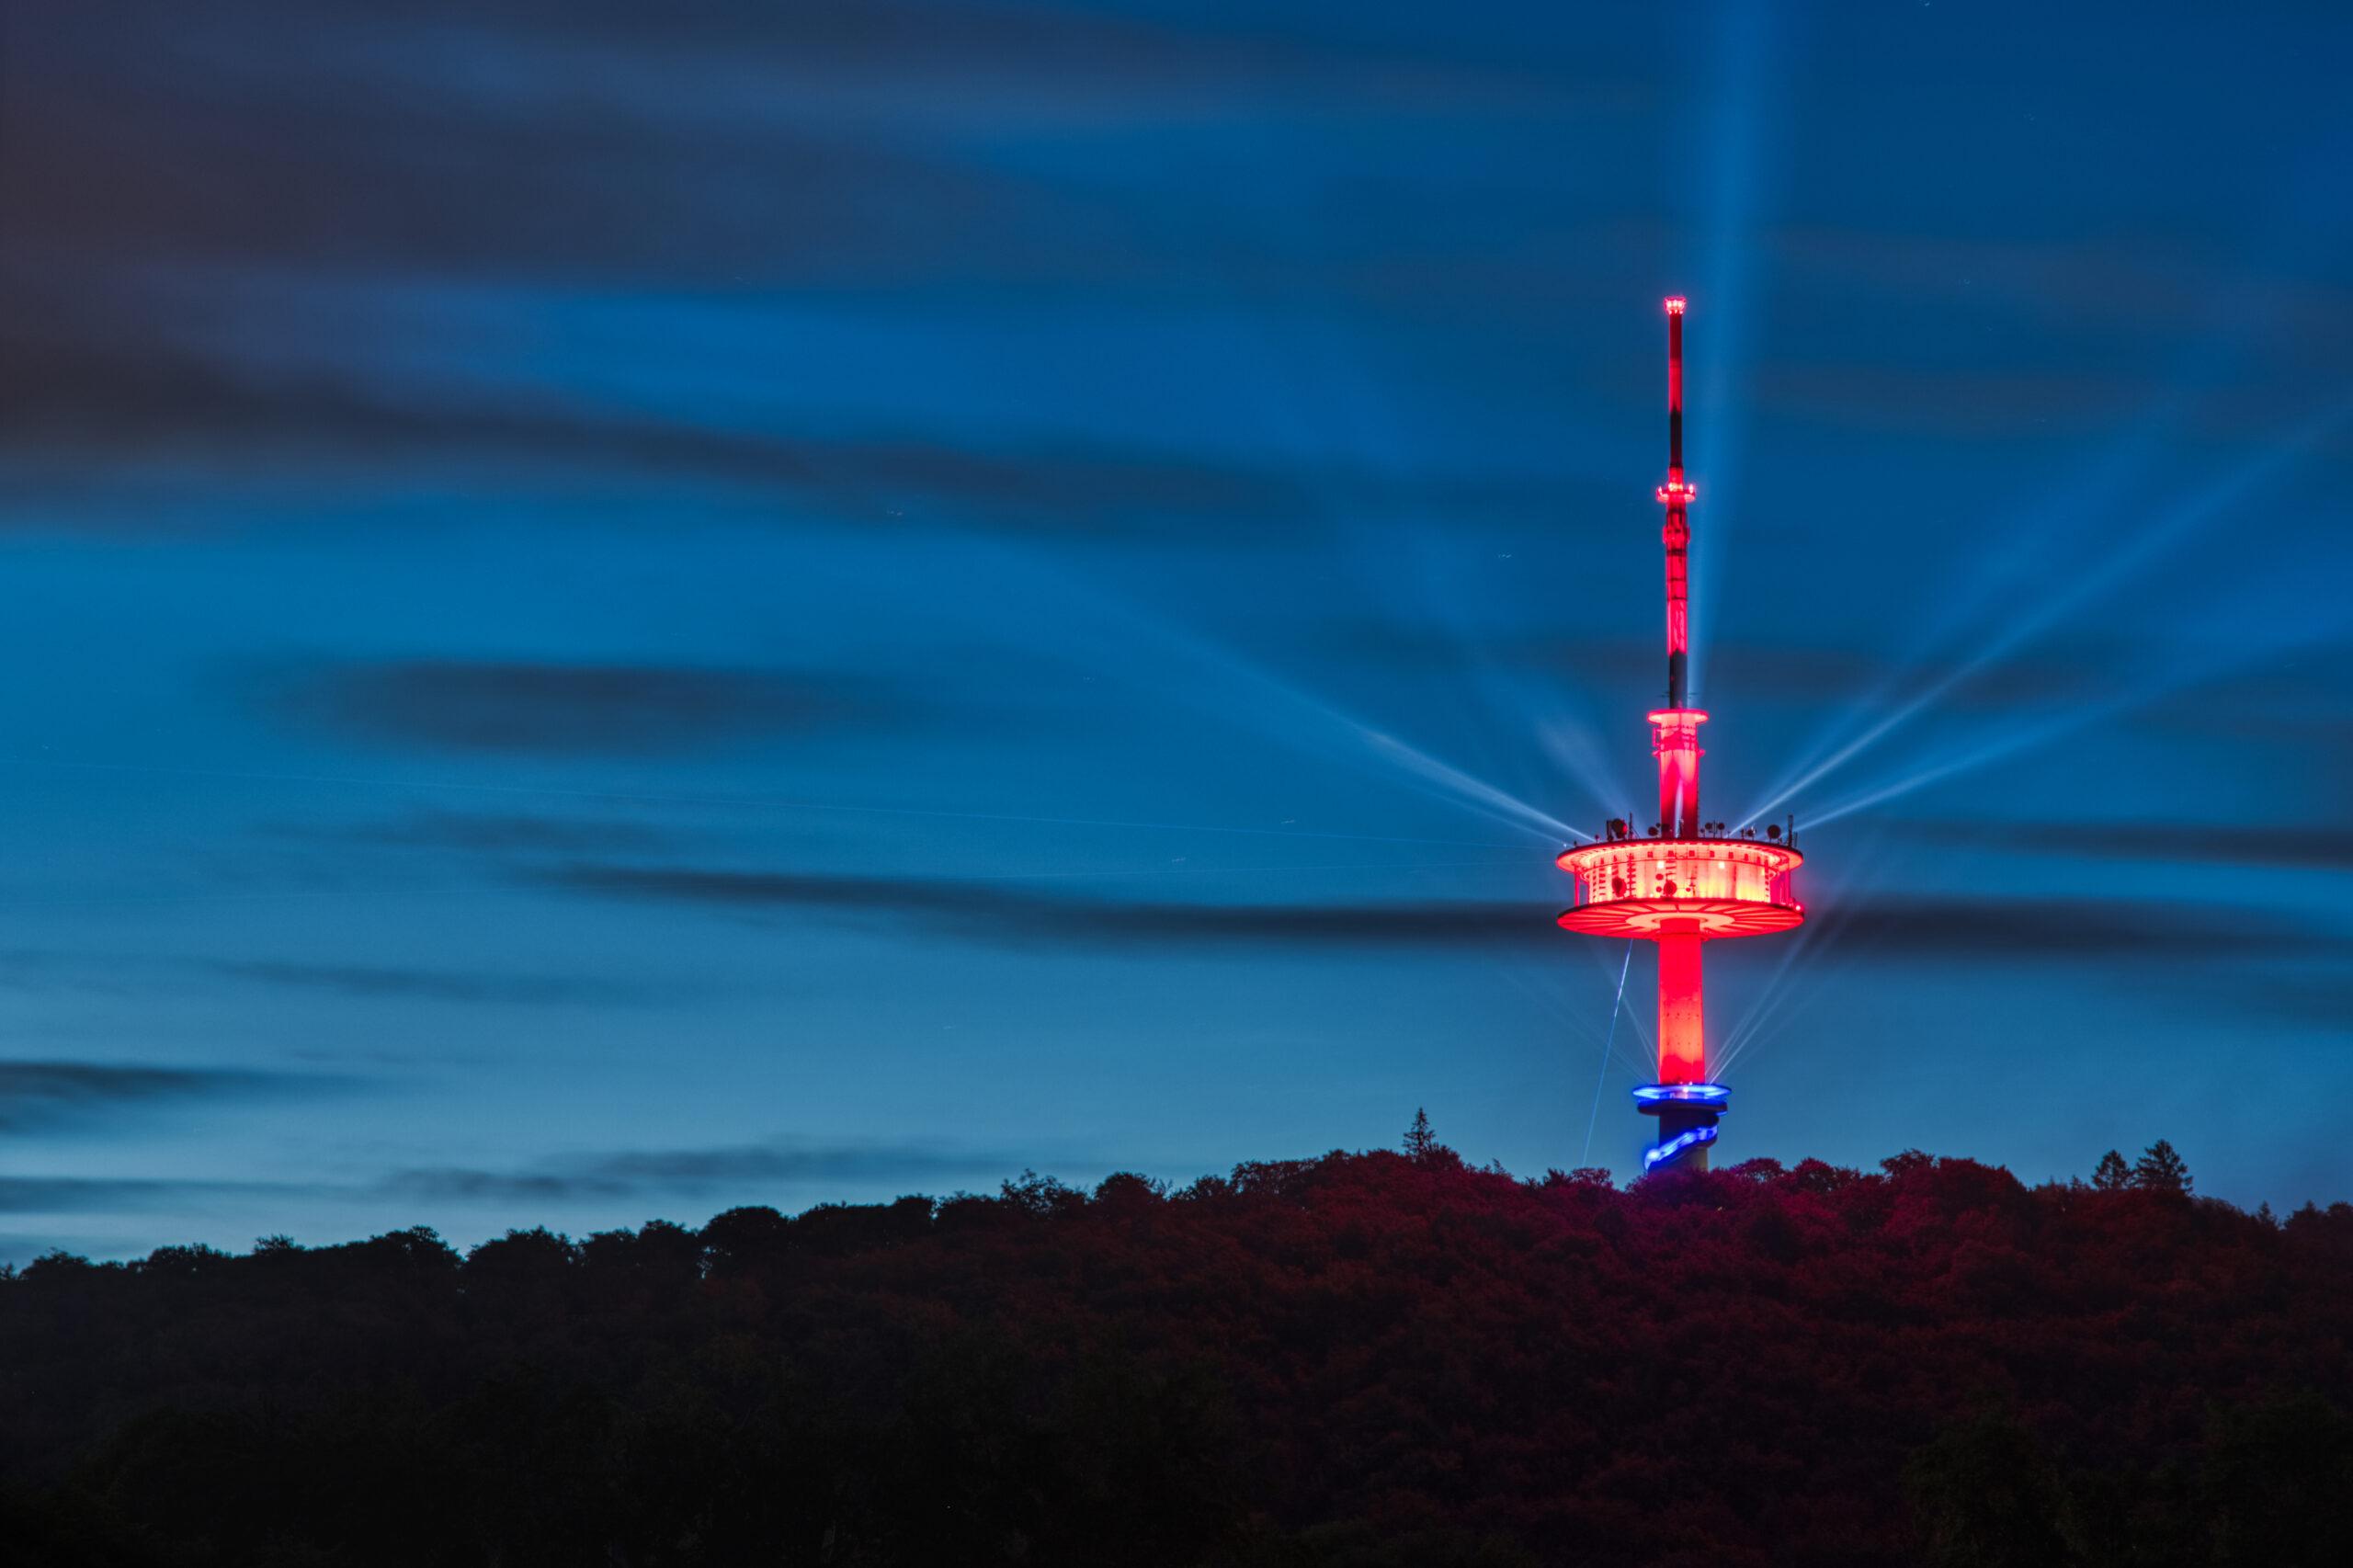 Der Fernsehturm Porta Westfalica wird zum Leuchtsignal für #kulturerhalten. In bunten Farben erstrahlt der Fernmeldeturm auf dem Jakobsberg und wirft sein Licht auf Kultureinrichtungen im Mühlenkreis.